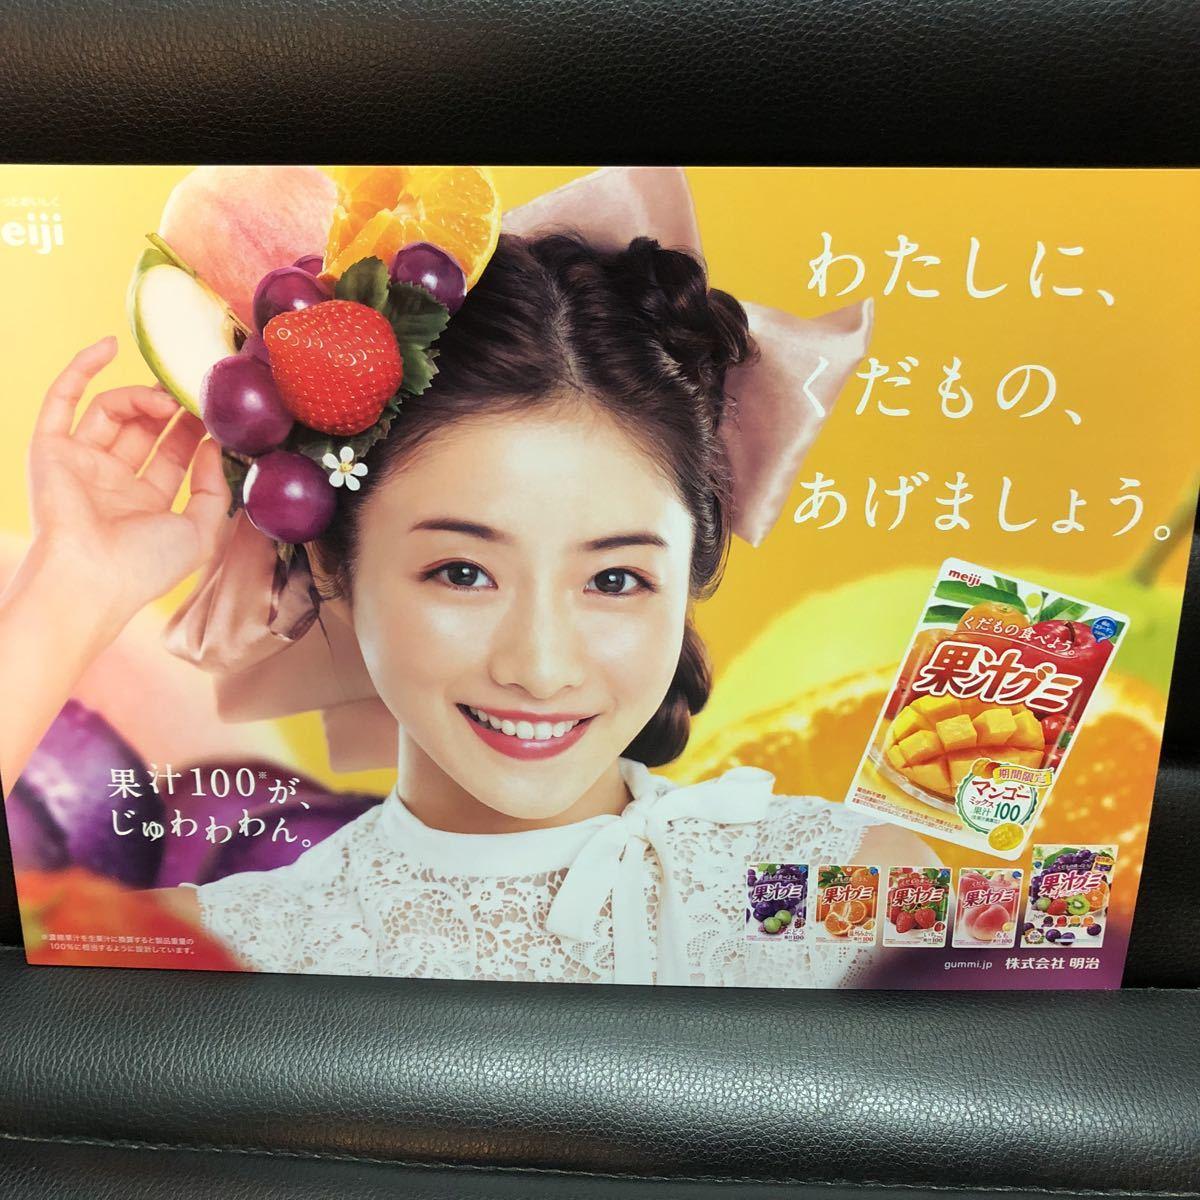 激レア★石原さとみ 明治 果汁グミ  A4サイズポスター ポップ 非売品★2_画像2